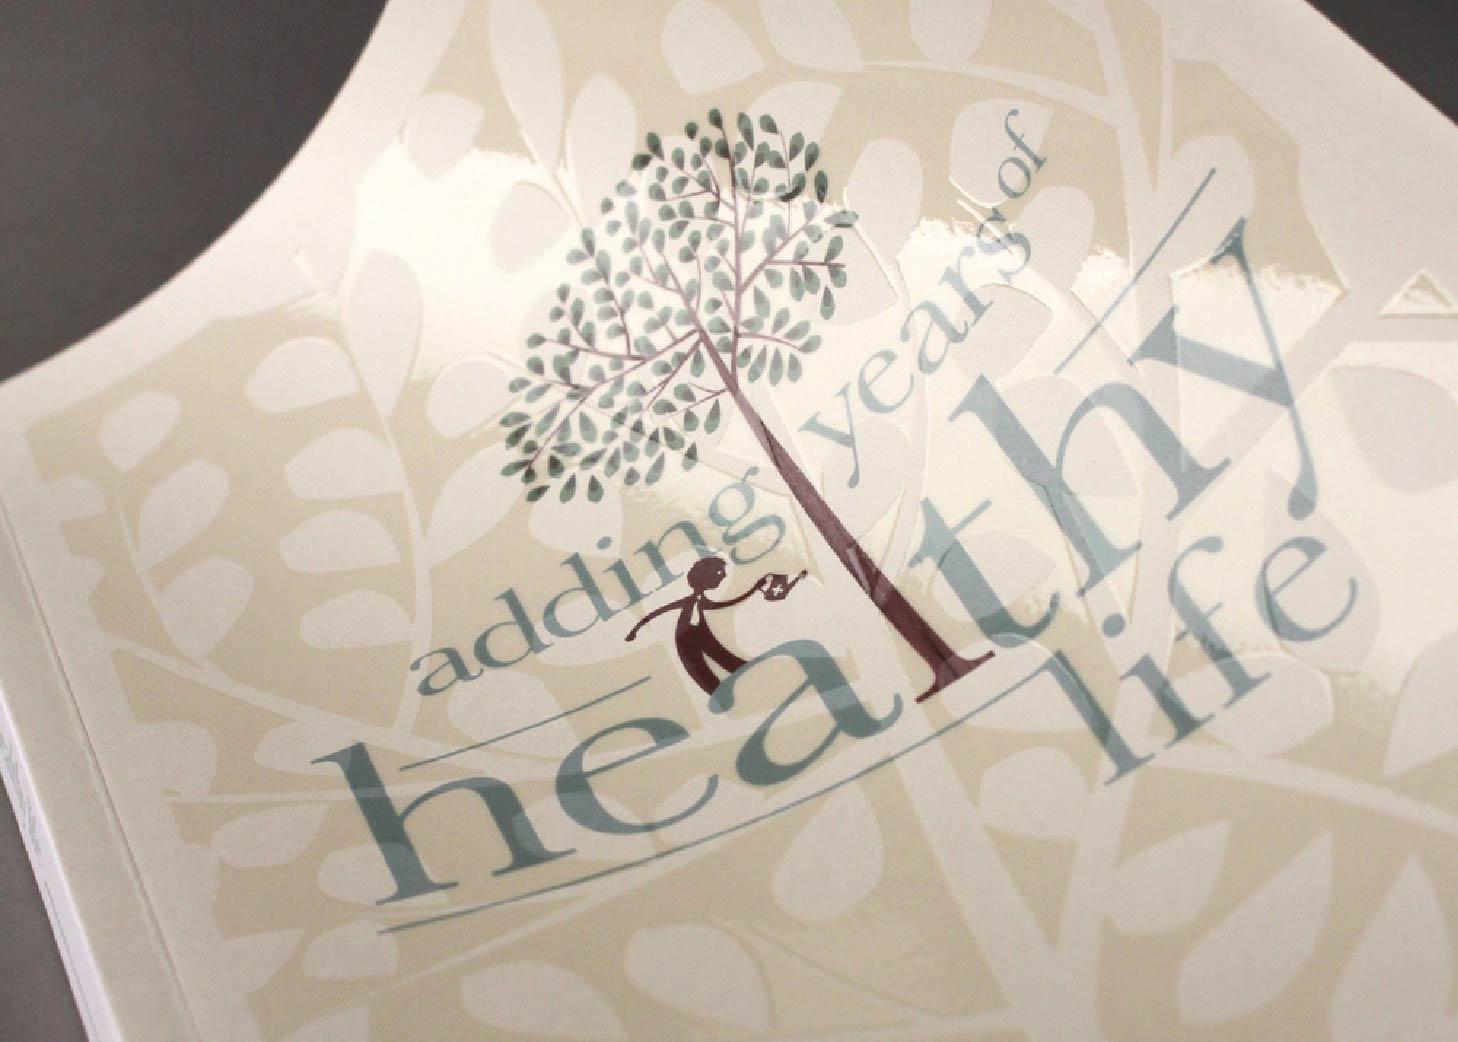 healthy-life-01